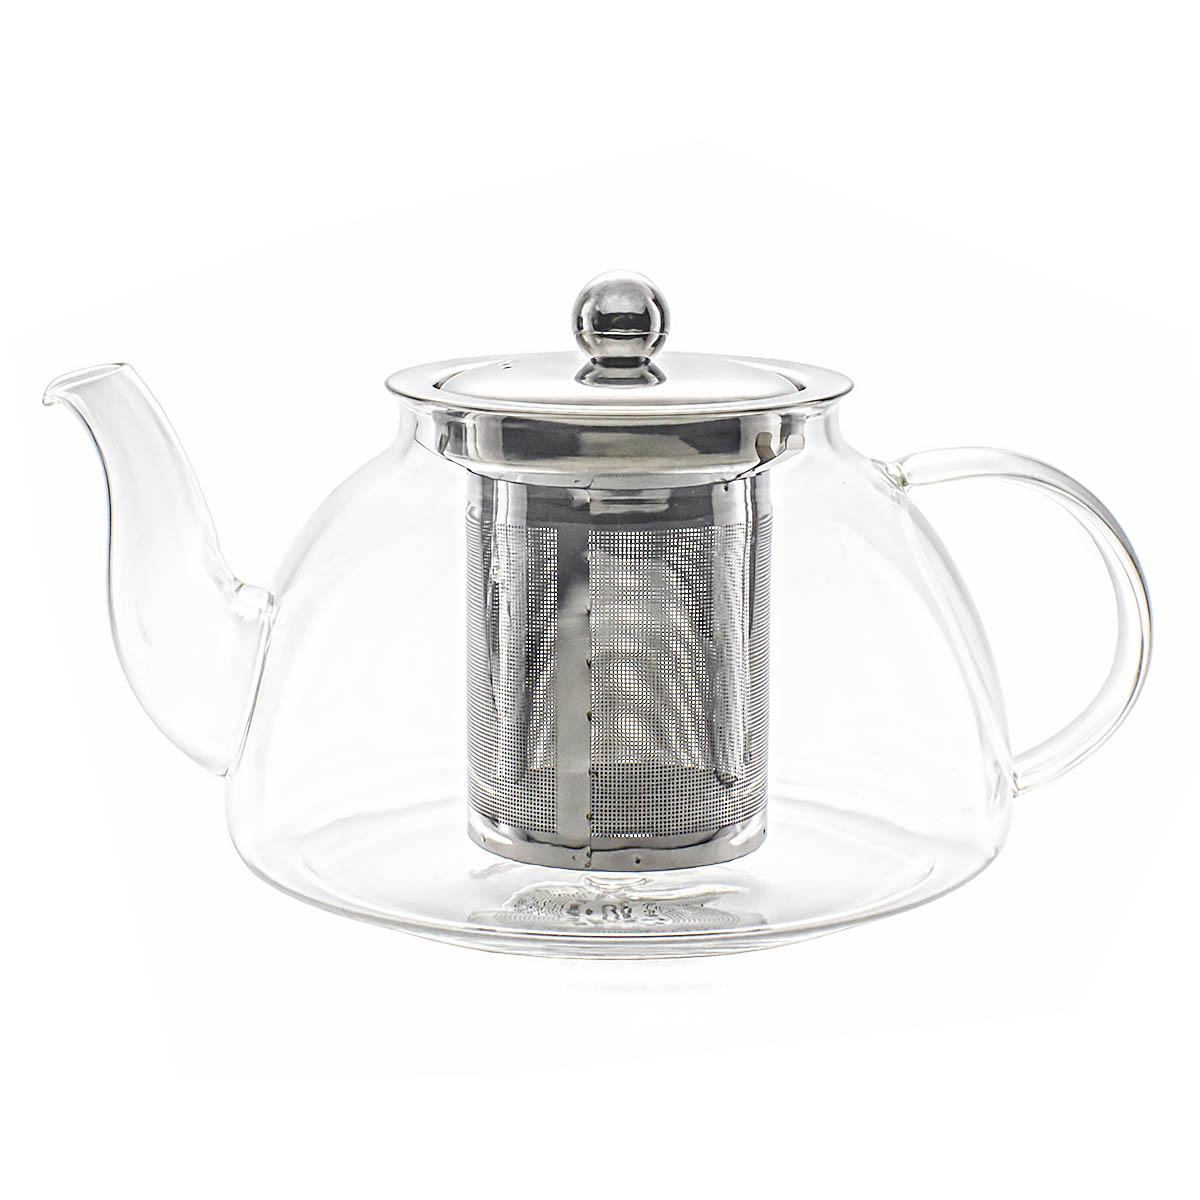 Стеклянный заварочный чайник Модерн 900 мл.